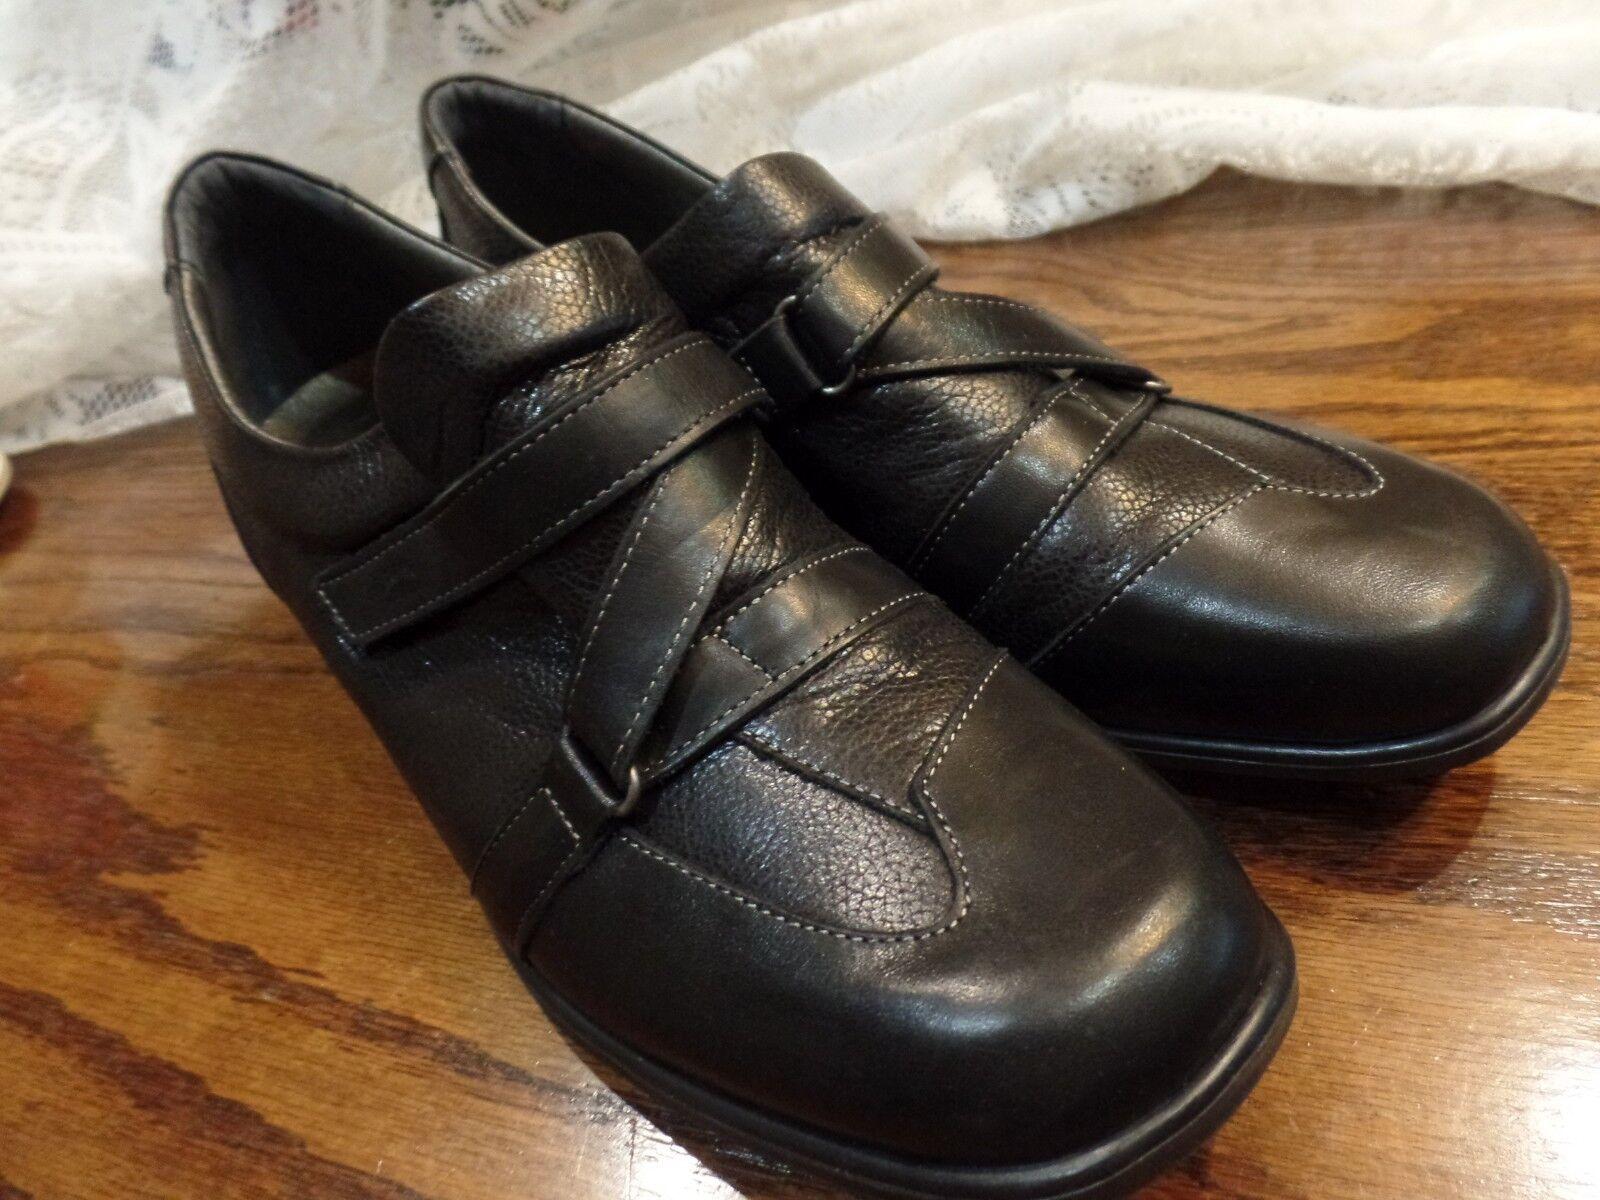 Spring Step Comodidad Zapatos Trabajo función de aire para para para mujer negro de cuero 42 9.5 Nuevo  orden en línea